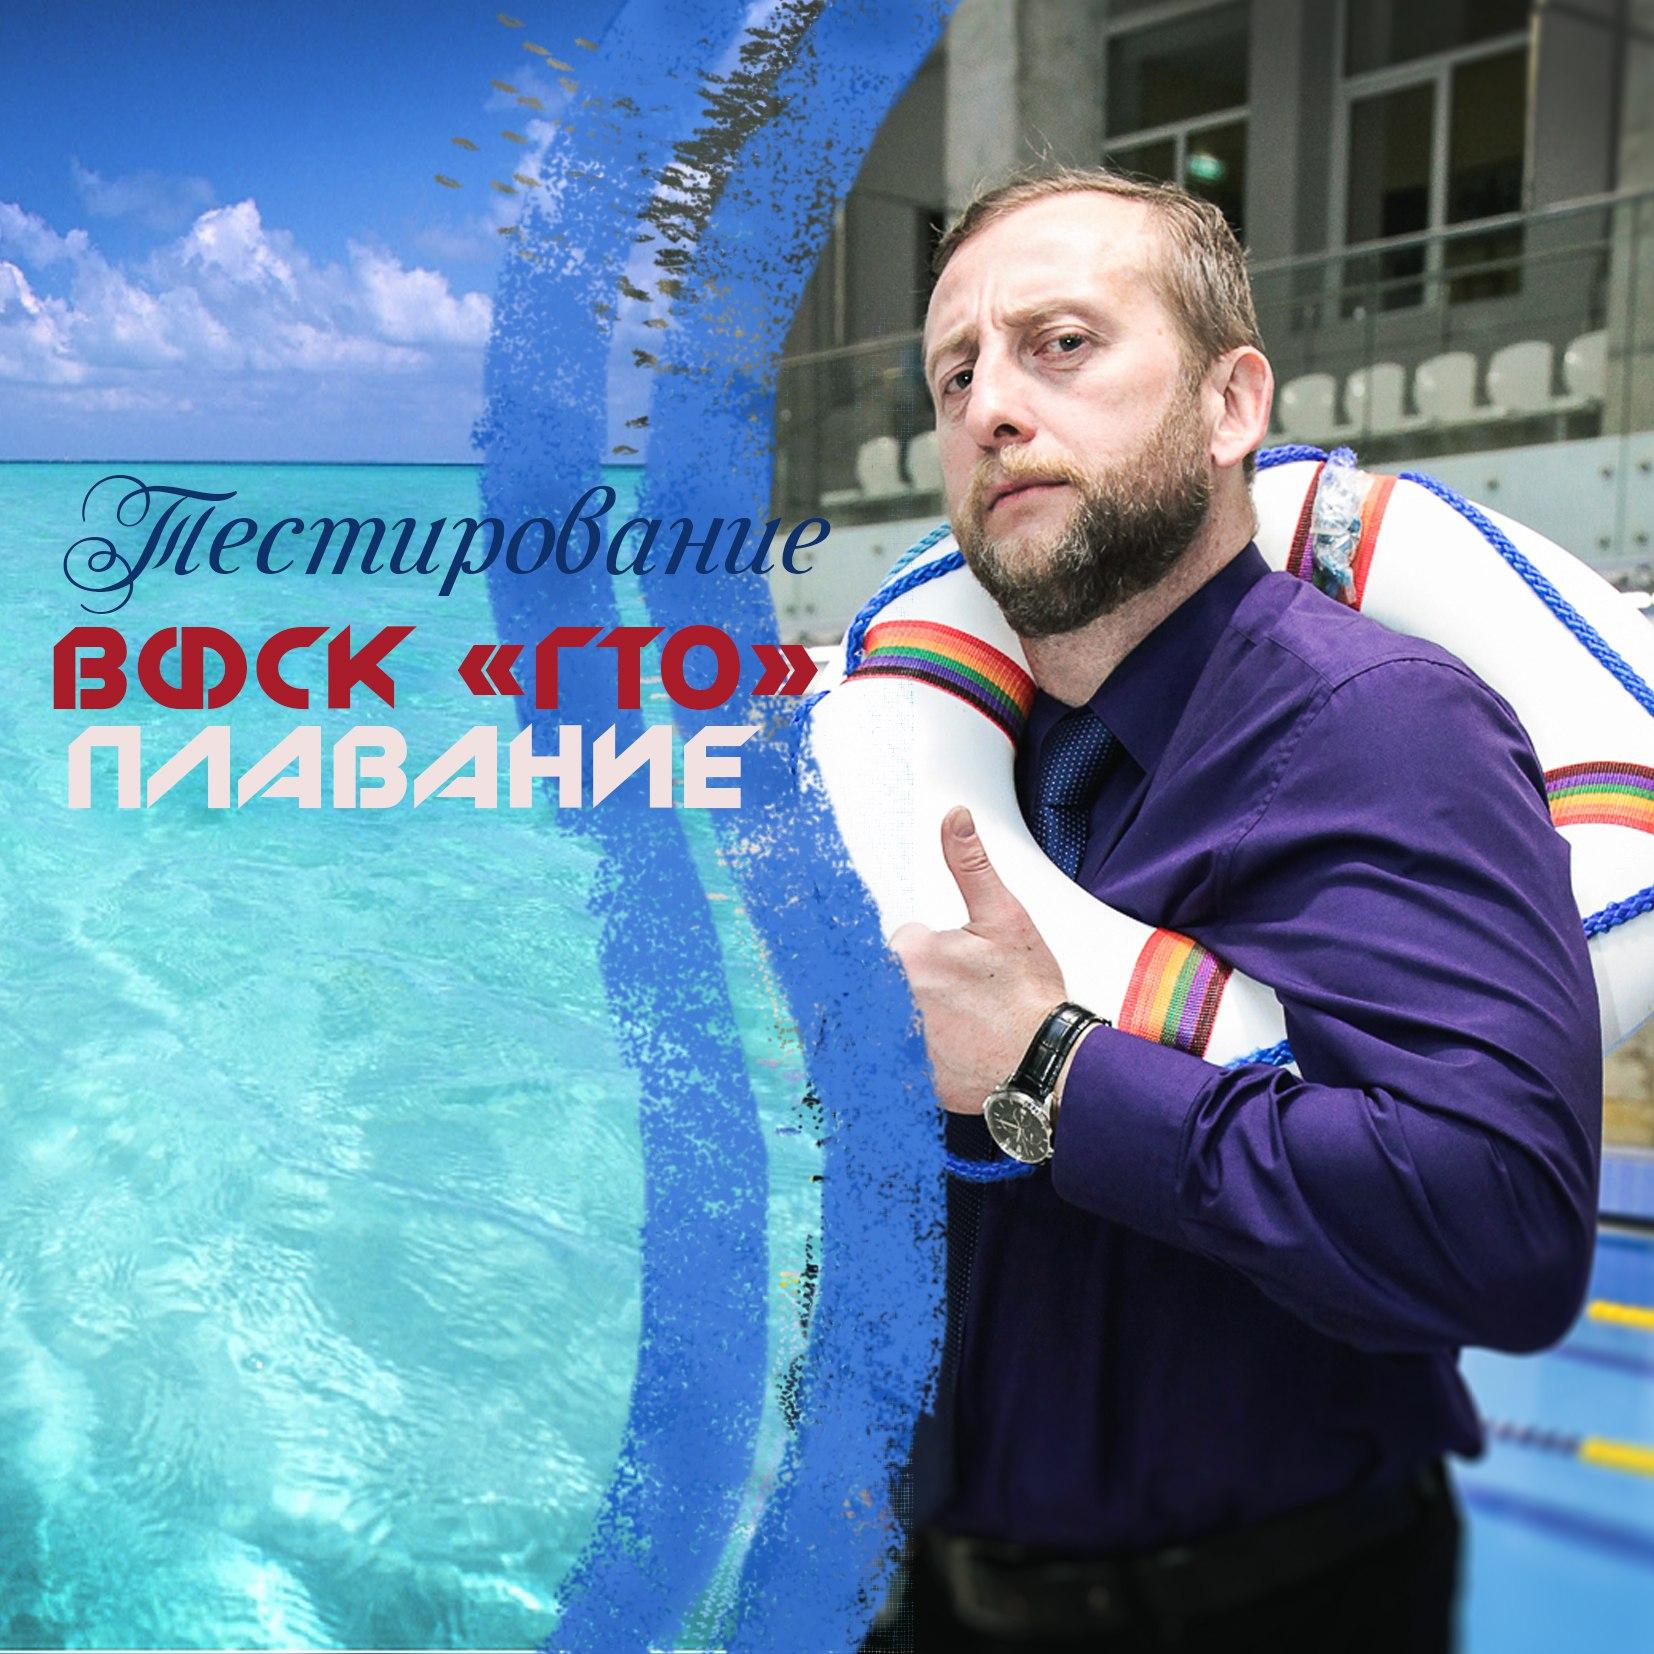 ТЕСТИРОВАНИЕ ВФСК ГТО Плавание